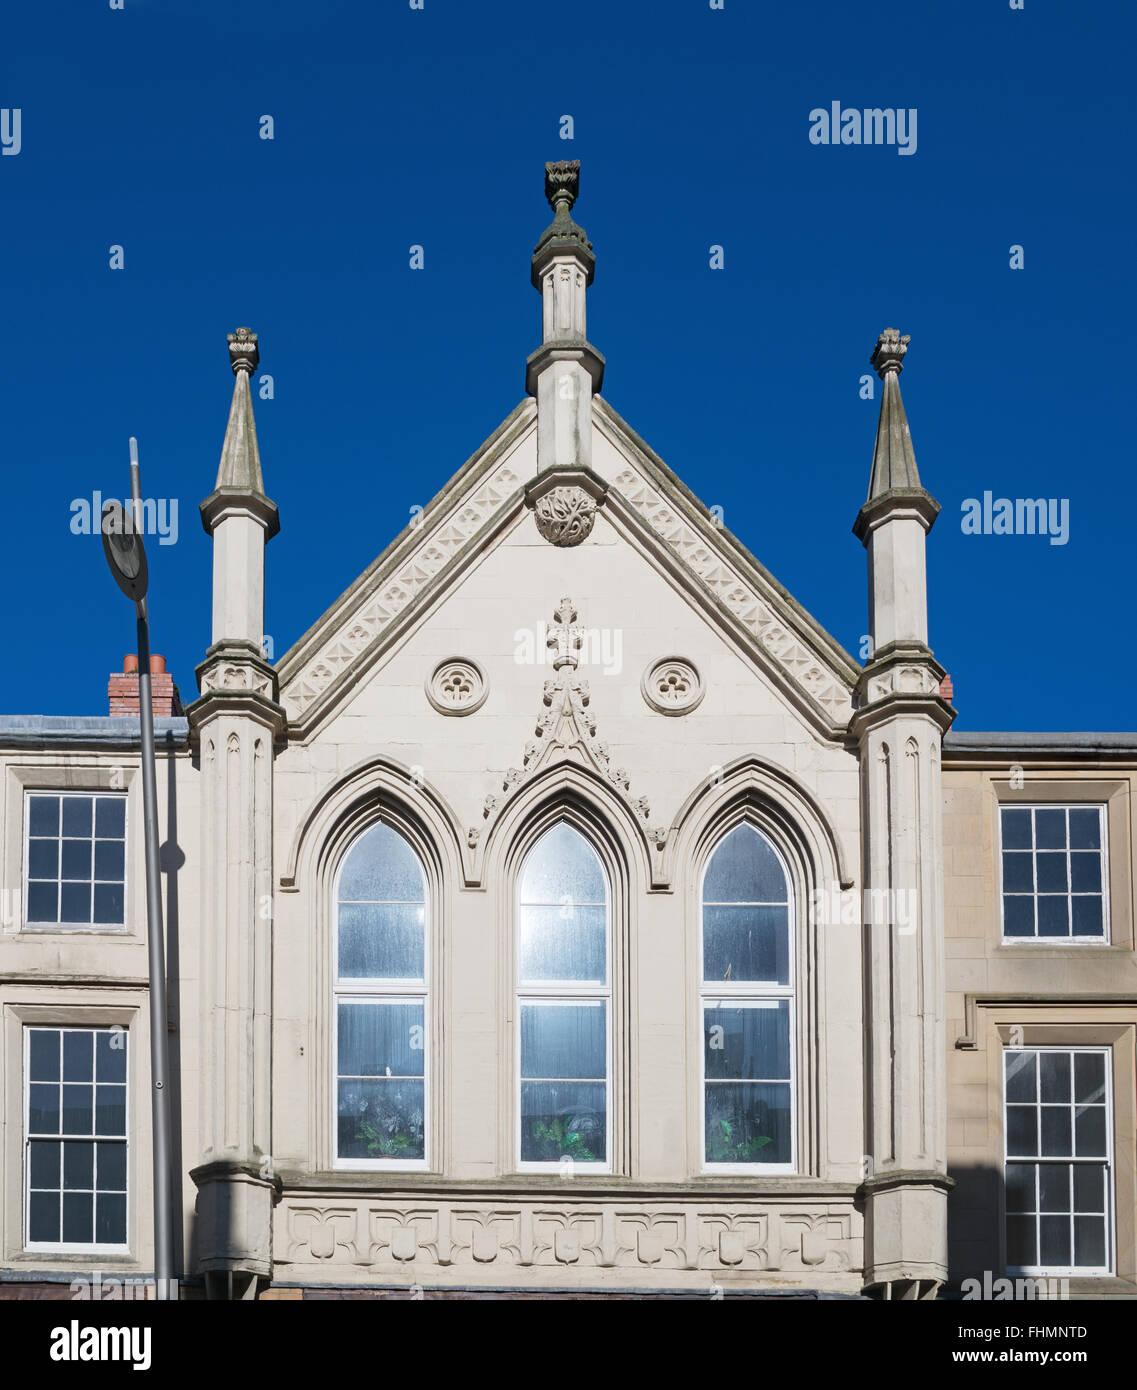 La sezione centrale del registro degli edifici, High Street West, Sunderland, North East England, Regno Unito Immagini Stock